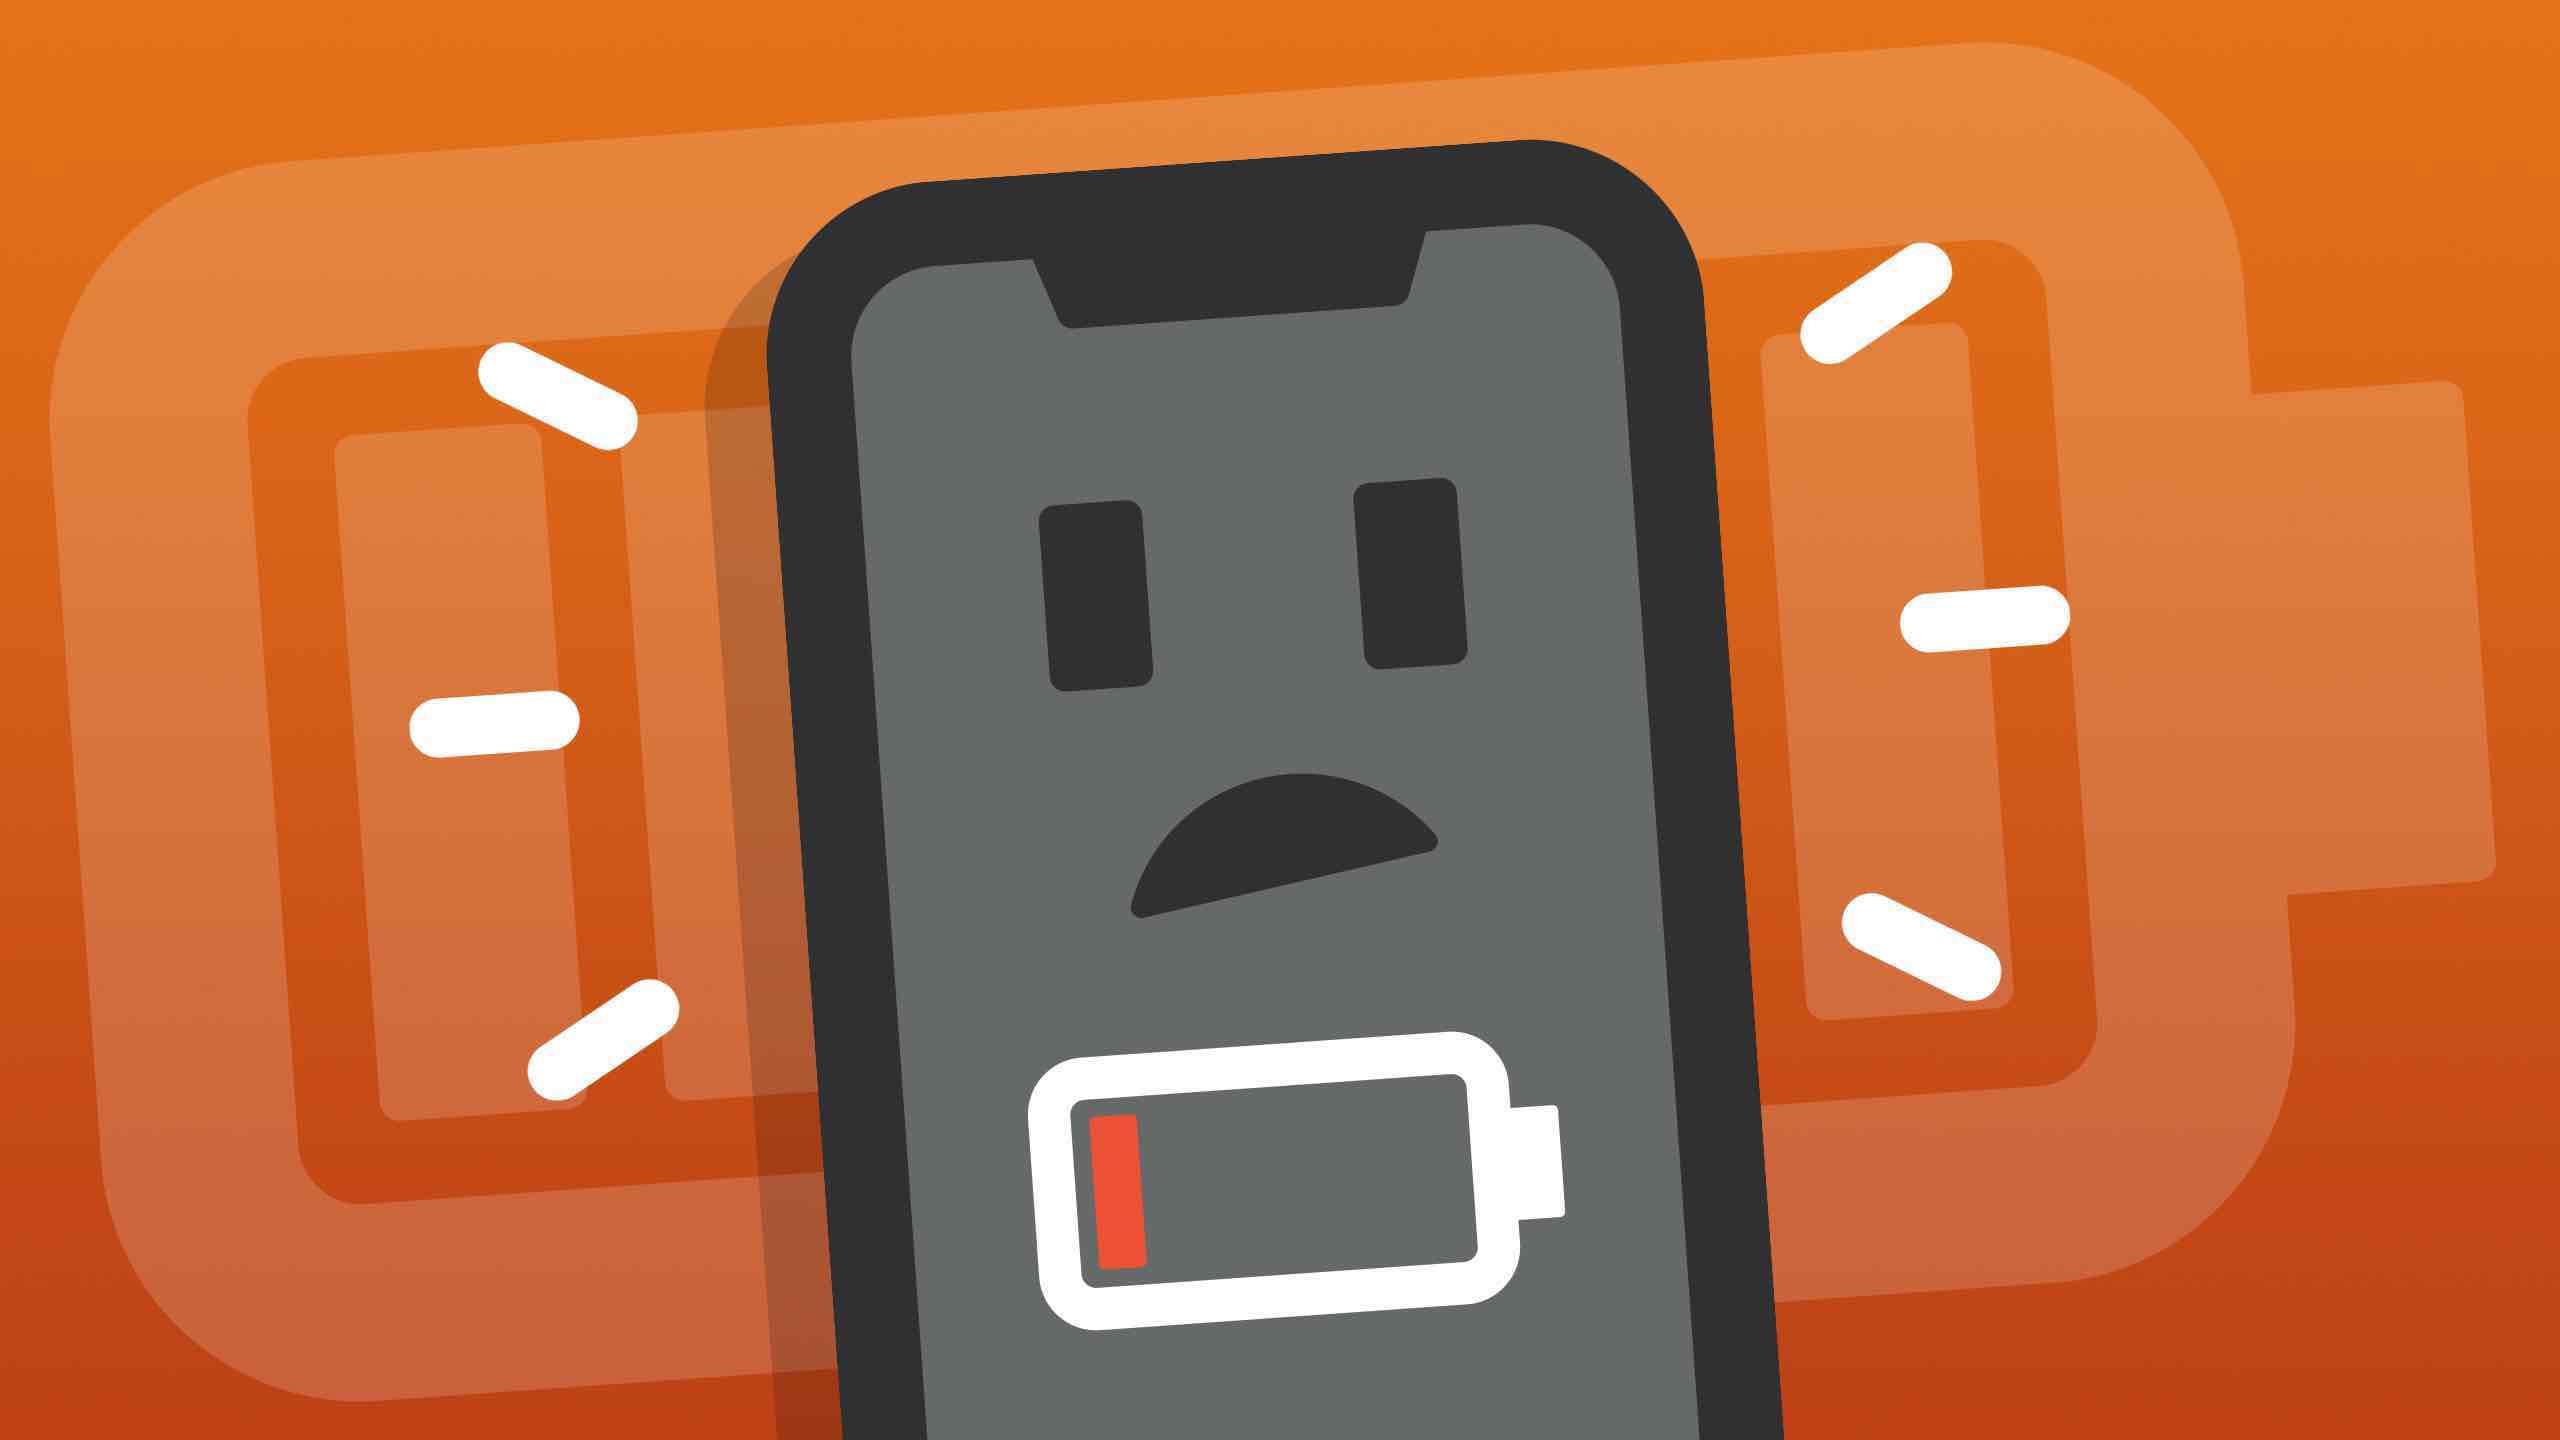 Video smartphone bất ngờ phát nổ ngay trong túi quần, cộng đồng tranh cãi gay gắt đi tìm nguyên nhân! - Ảnh 4.